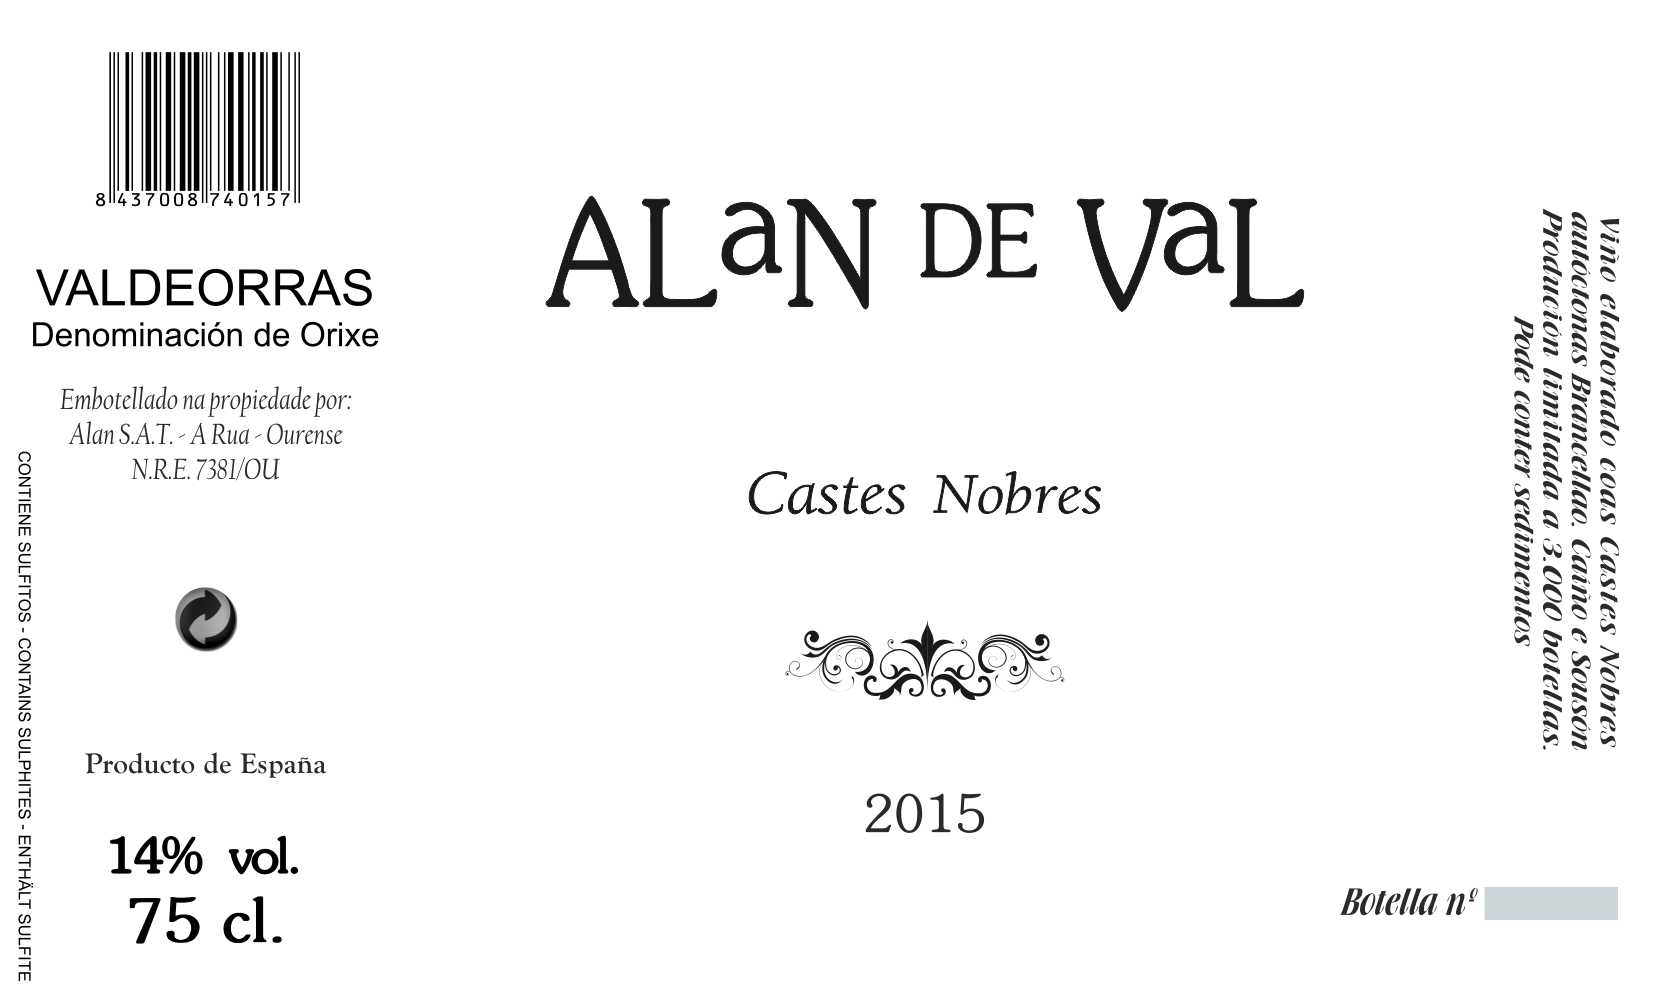 CASTES NOBRES 2015